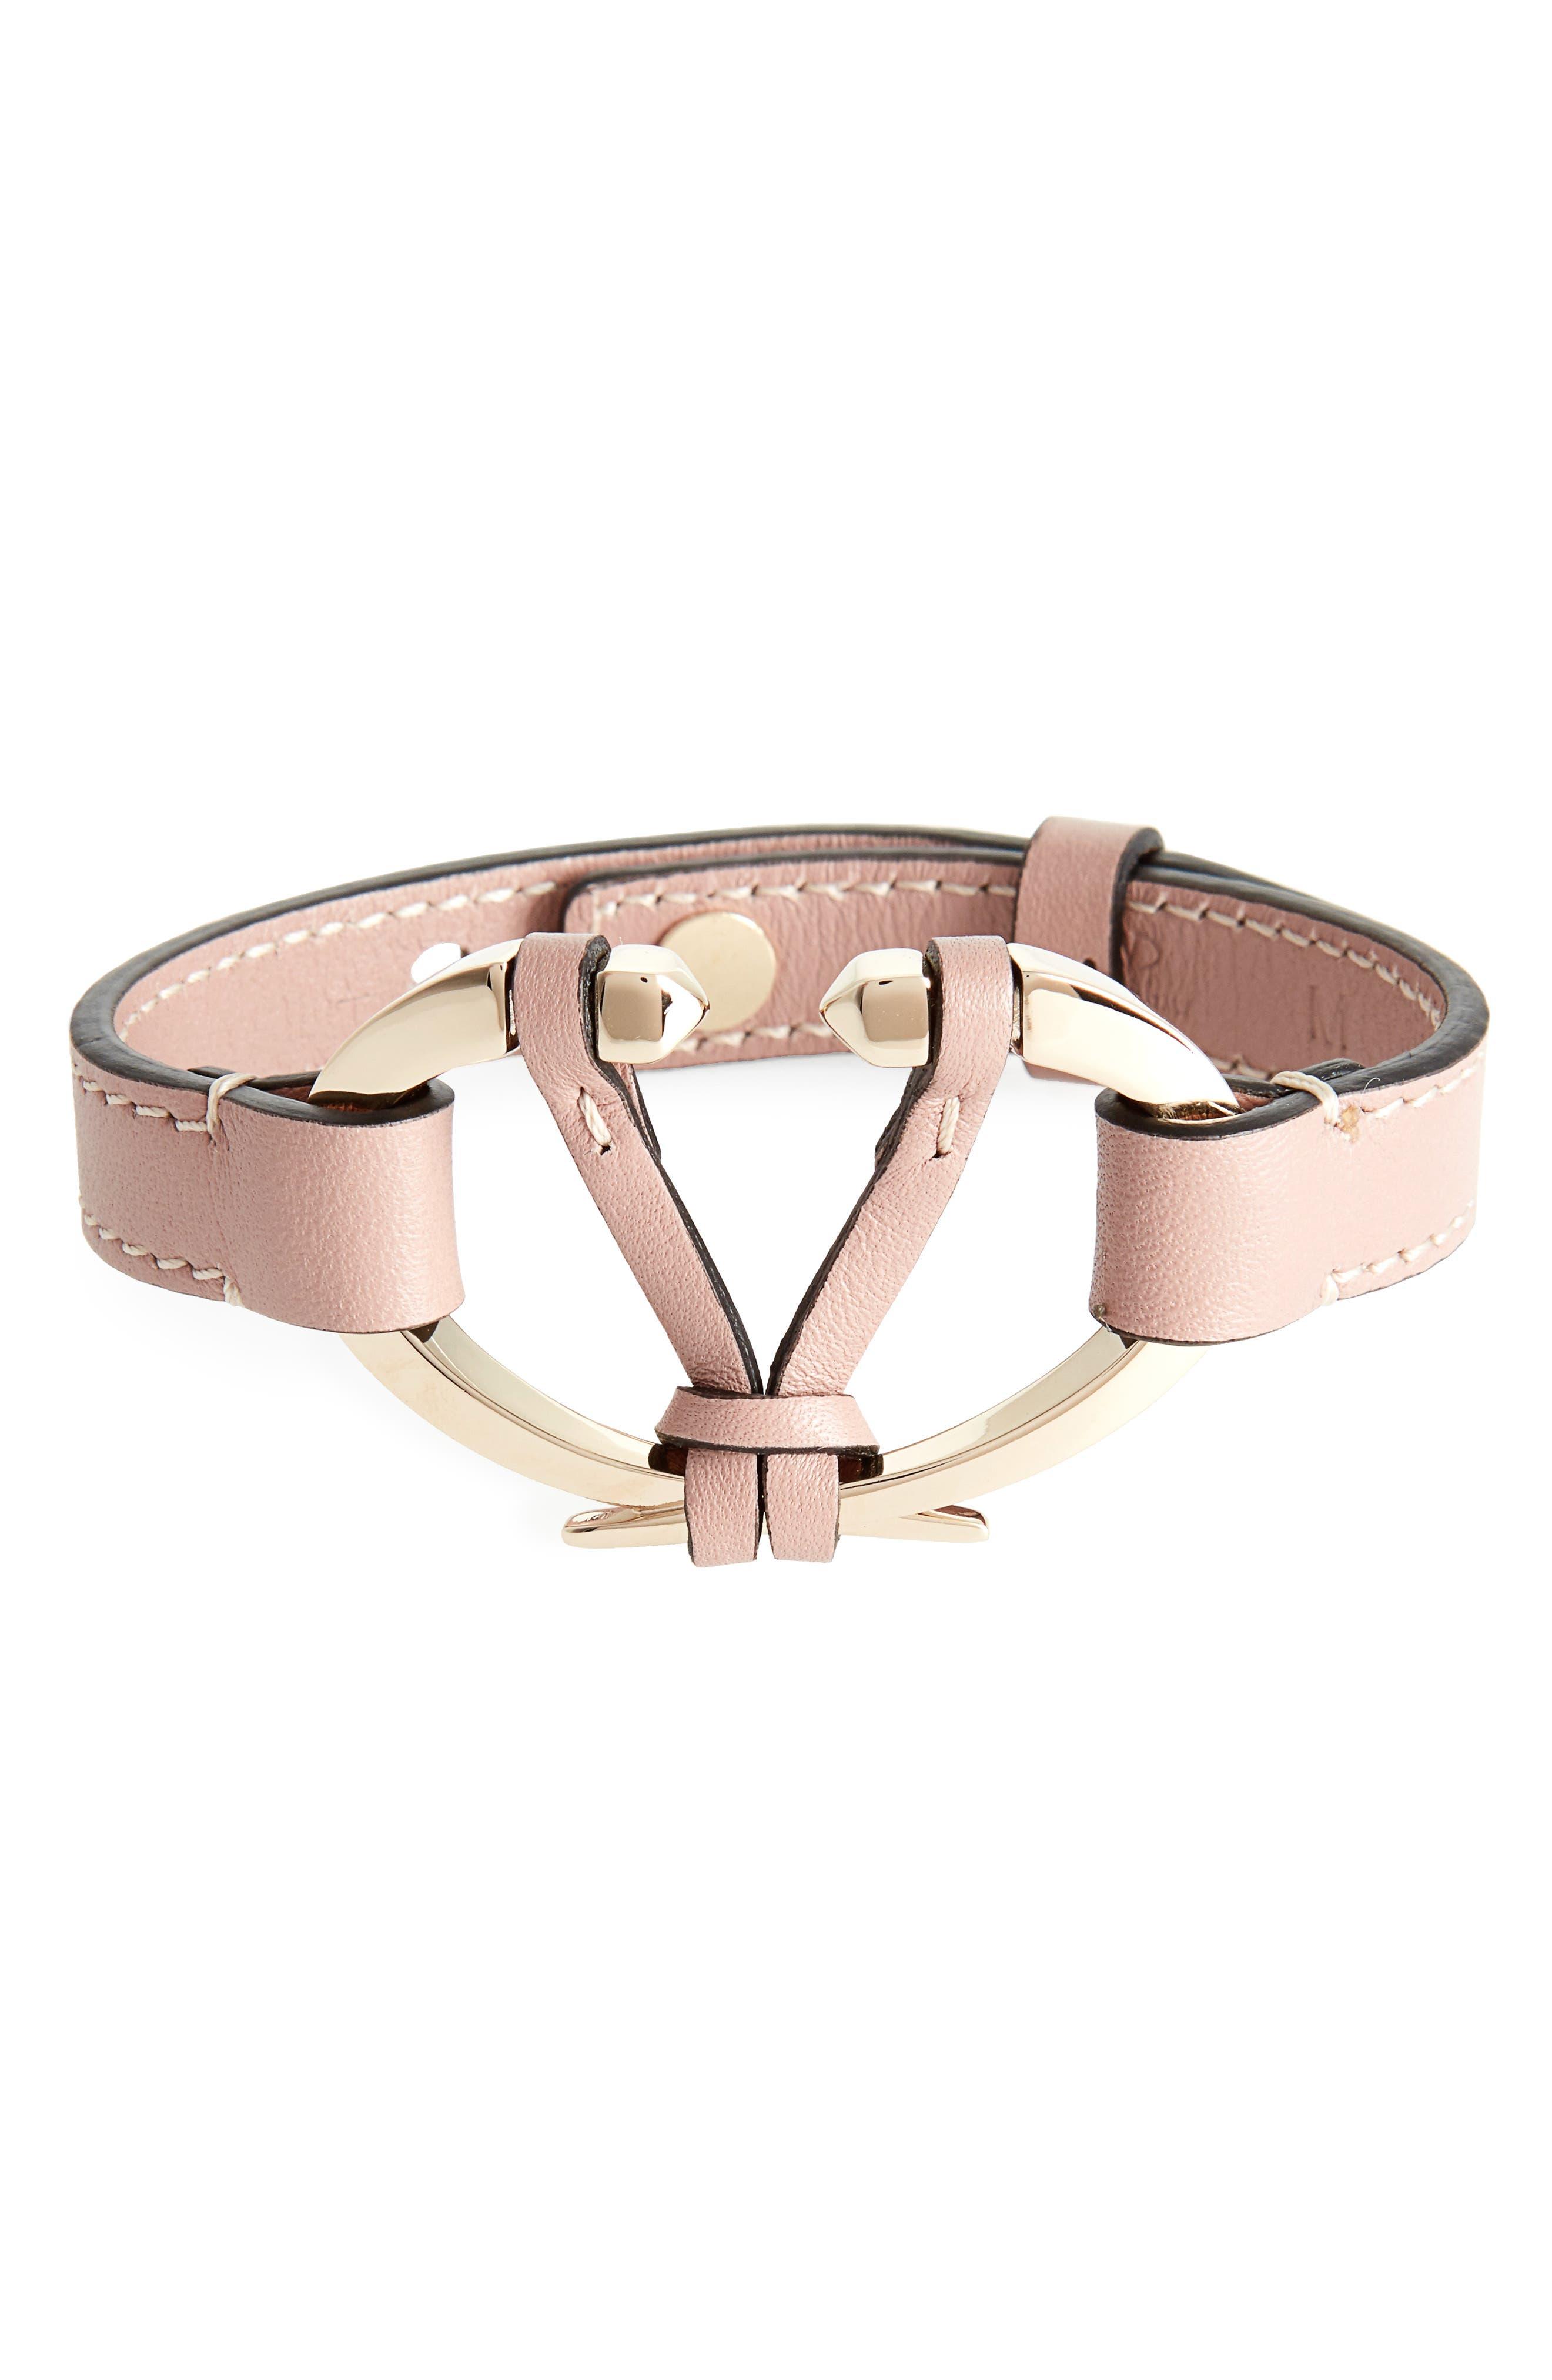 Valentino Rockstud V Leather Bracelet